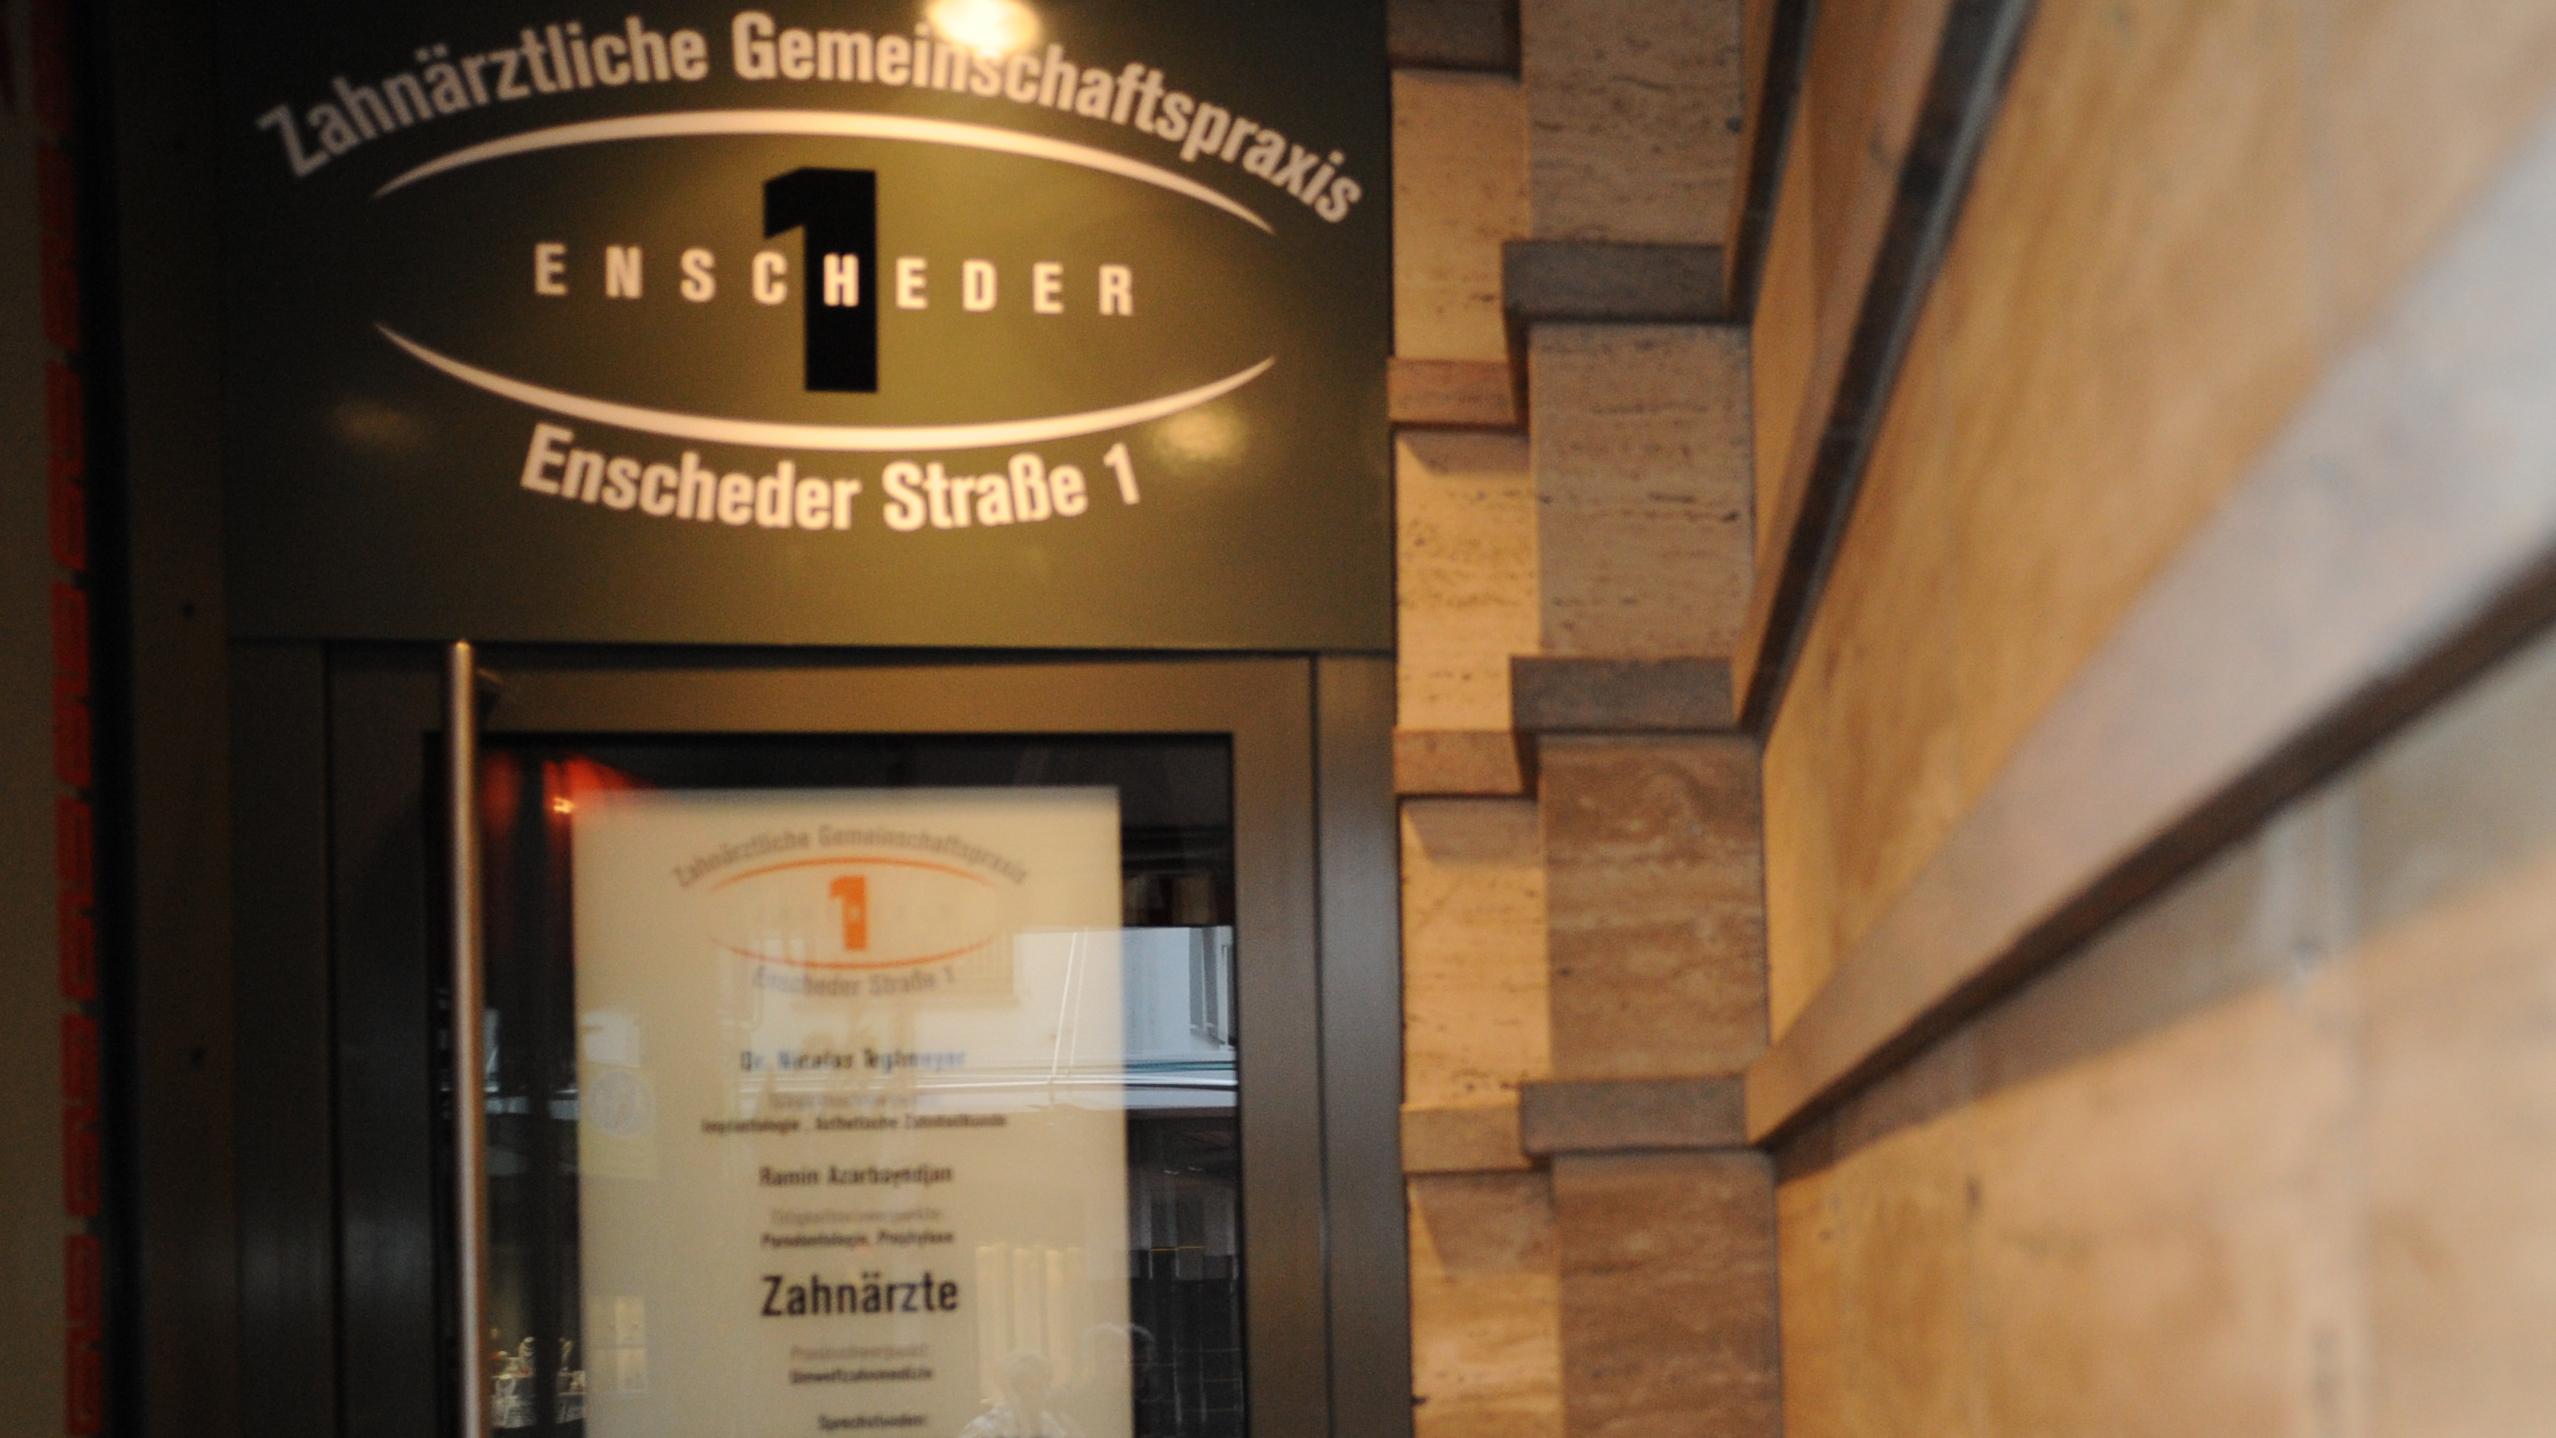 Zahnärztliche Gemeinschaftspraxis Enscheder Strasse 1 Foto 1 der Eingangstüre aussen